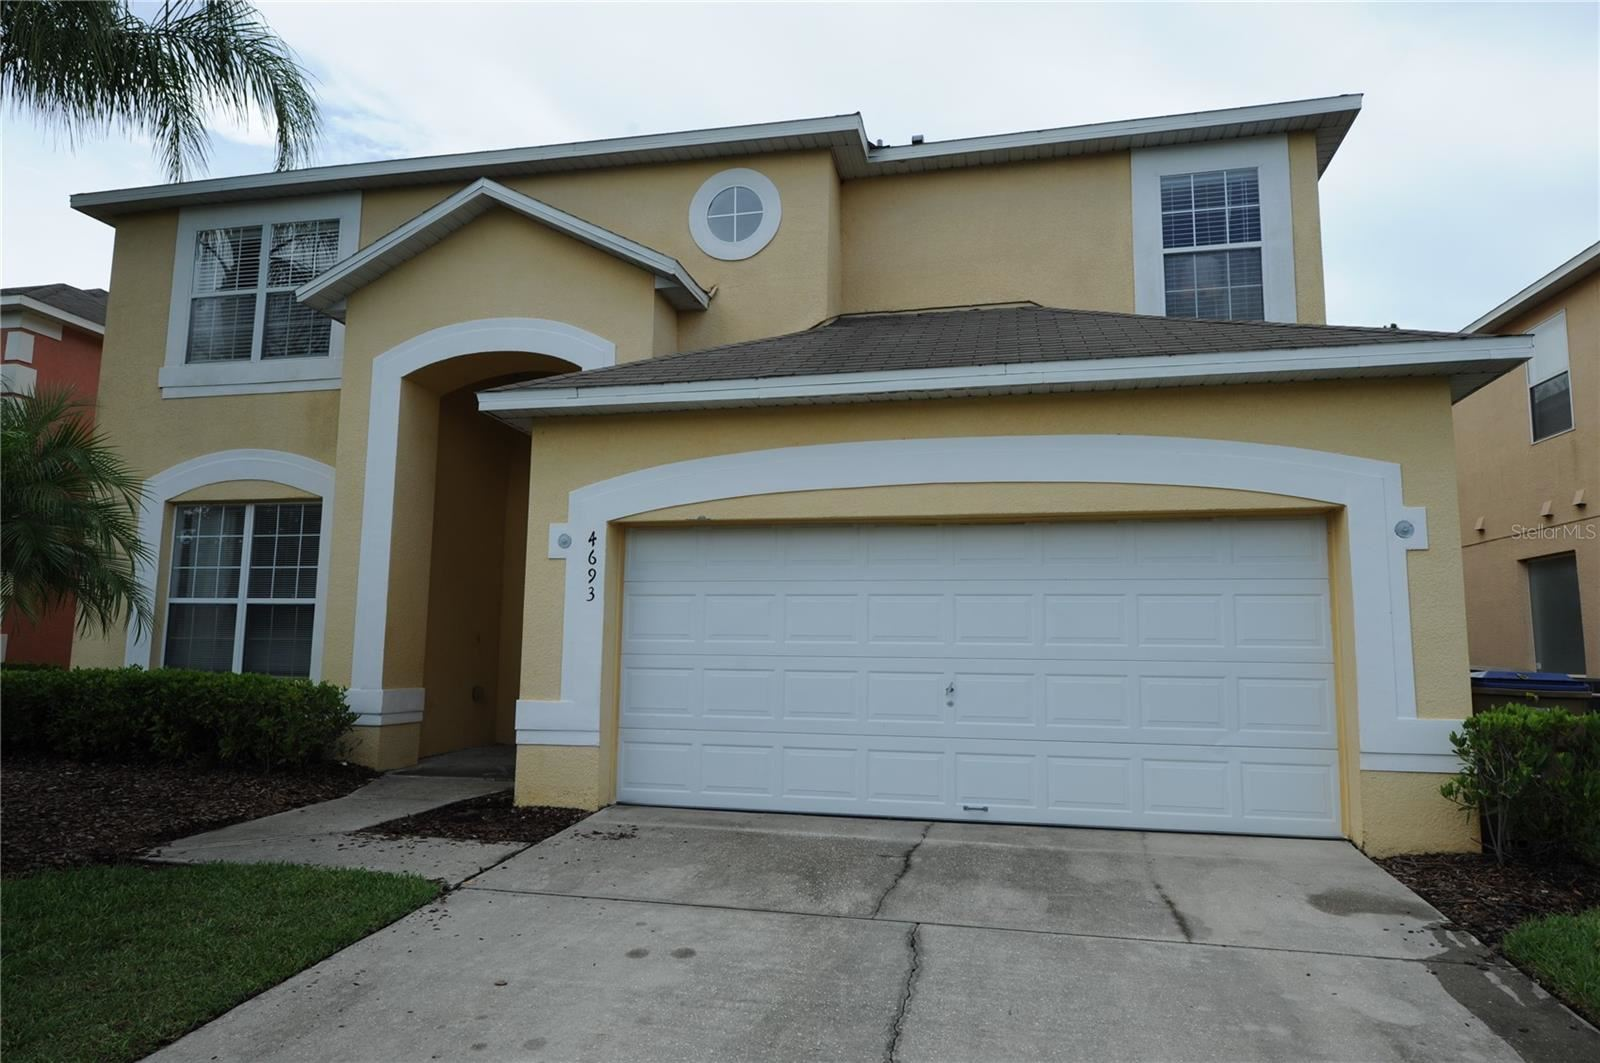 4693 GOLDEN BEACH COURT, Kissimmee, FL 34746 - #: A4508021